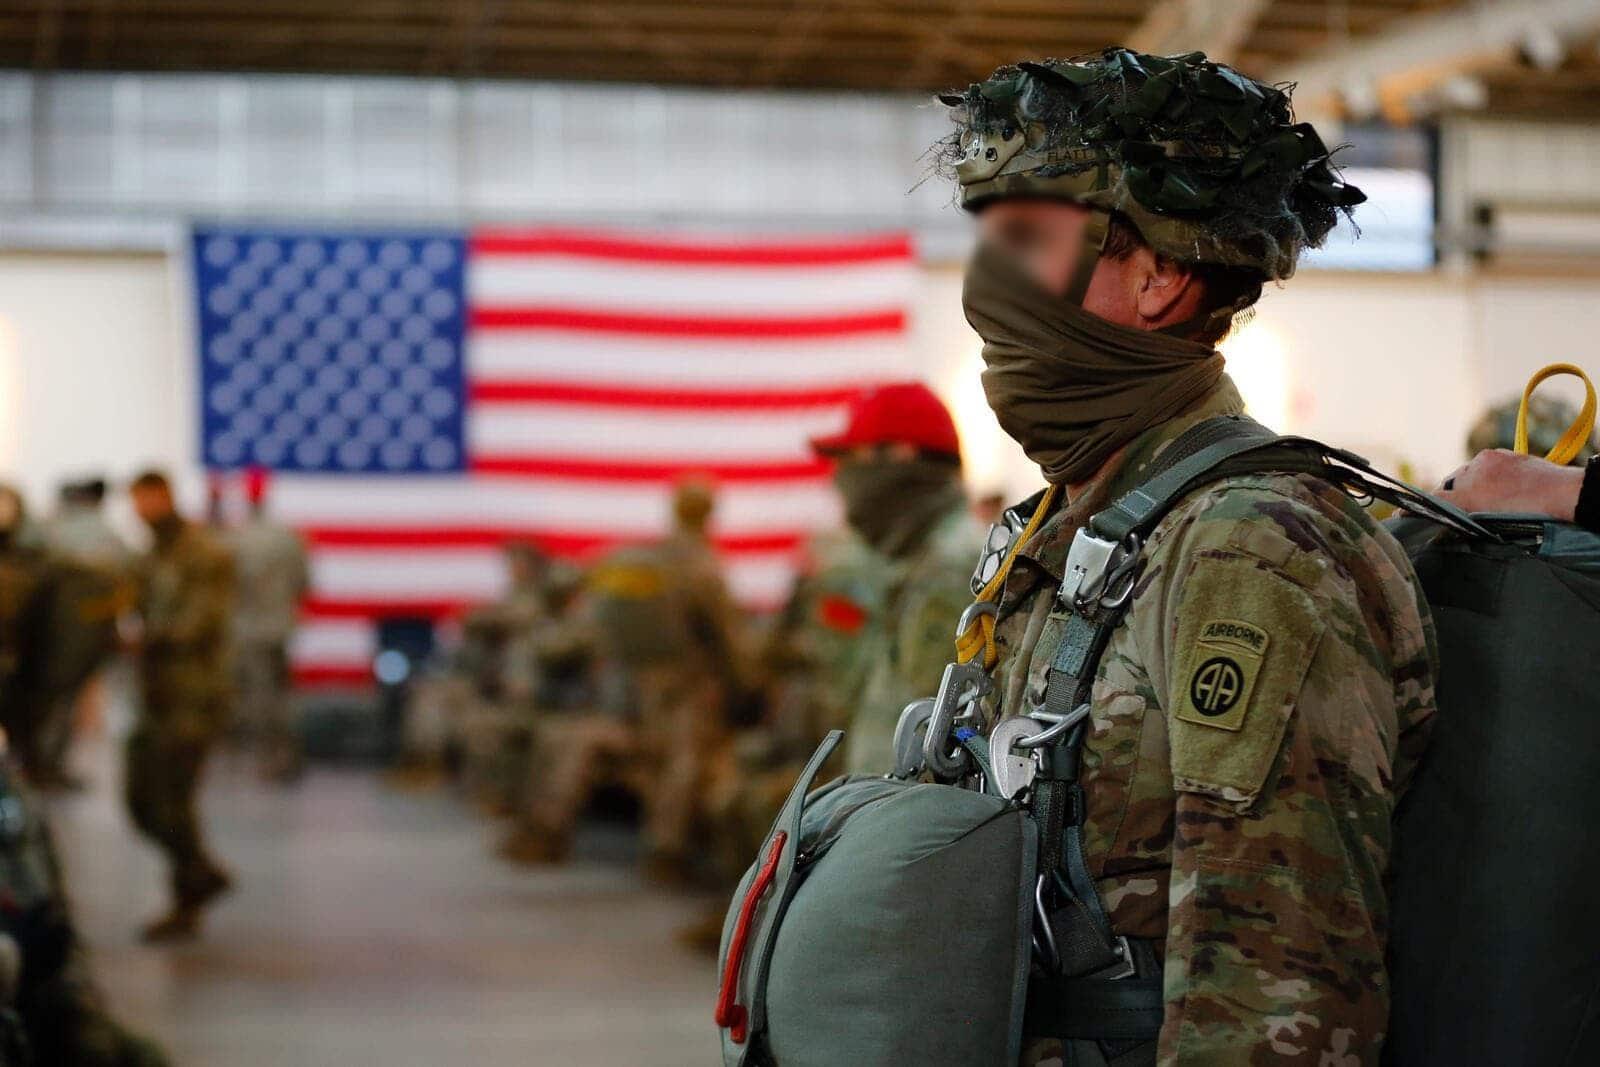 """عاجل: المغرب يُجنِّب الولايات المتحدة عملا إرهابيا ويُمكِّن الـFBI من تحييد جندي أمريكي """"خطير"""""""